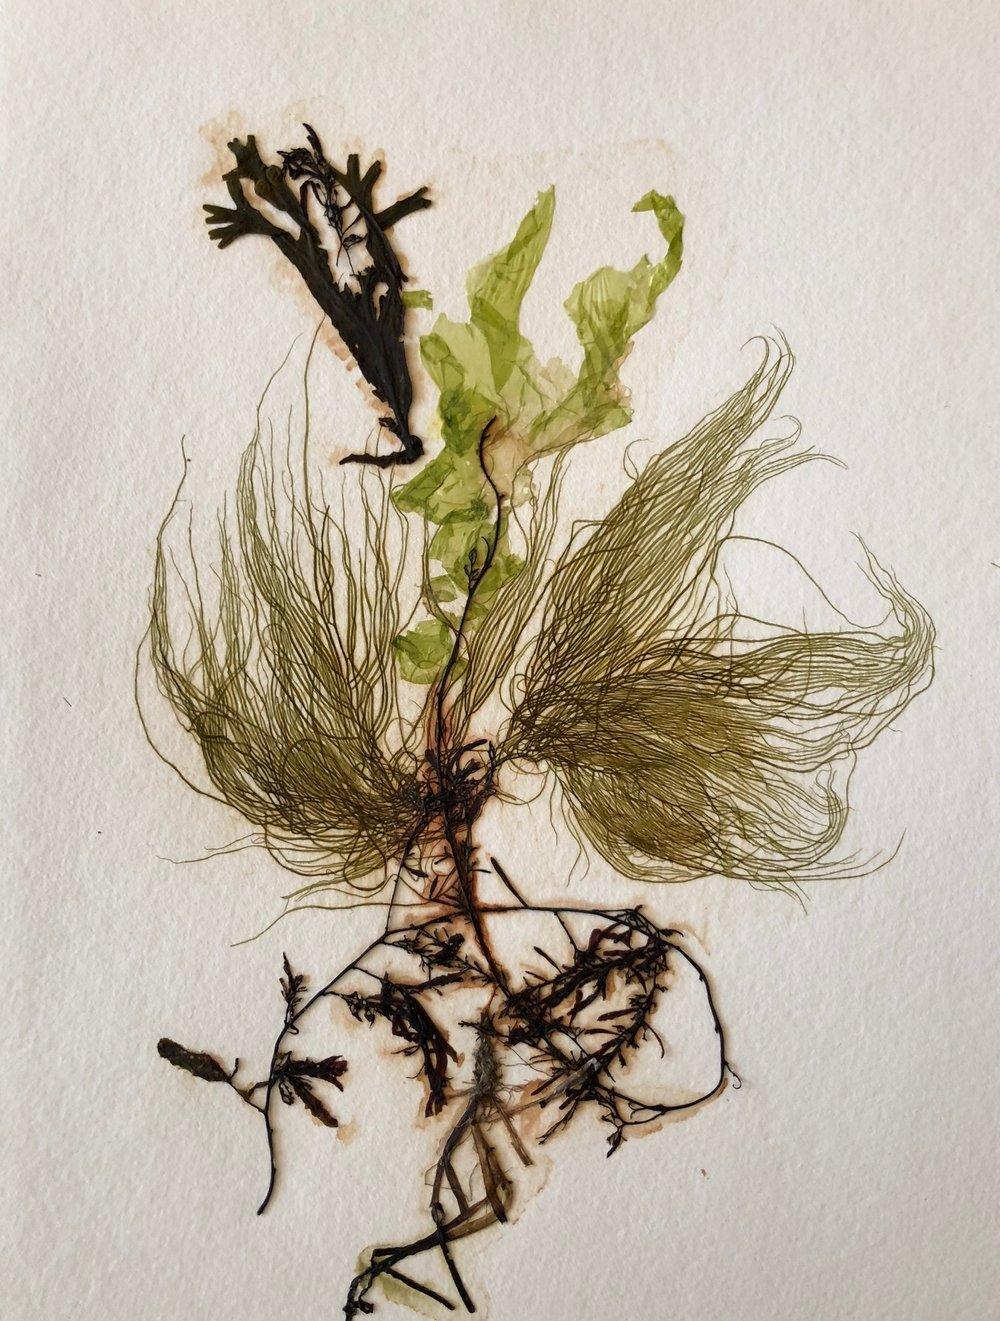 Seaweed 6/13, 11x14